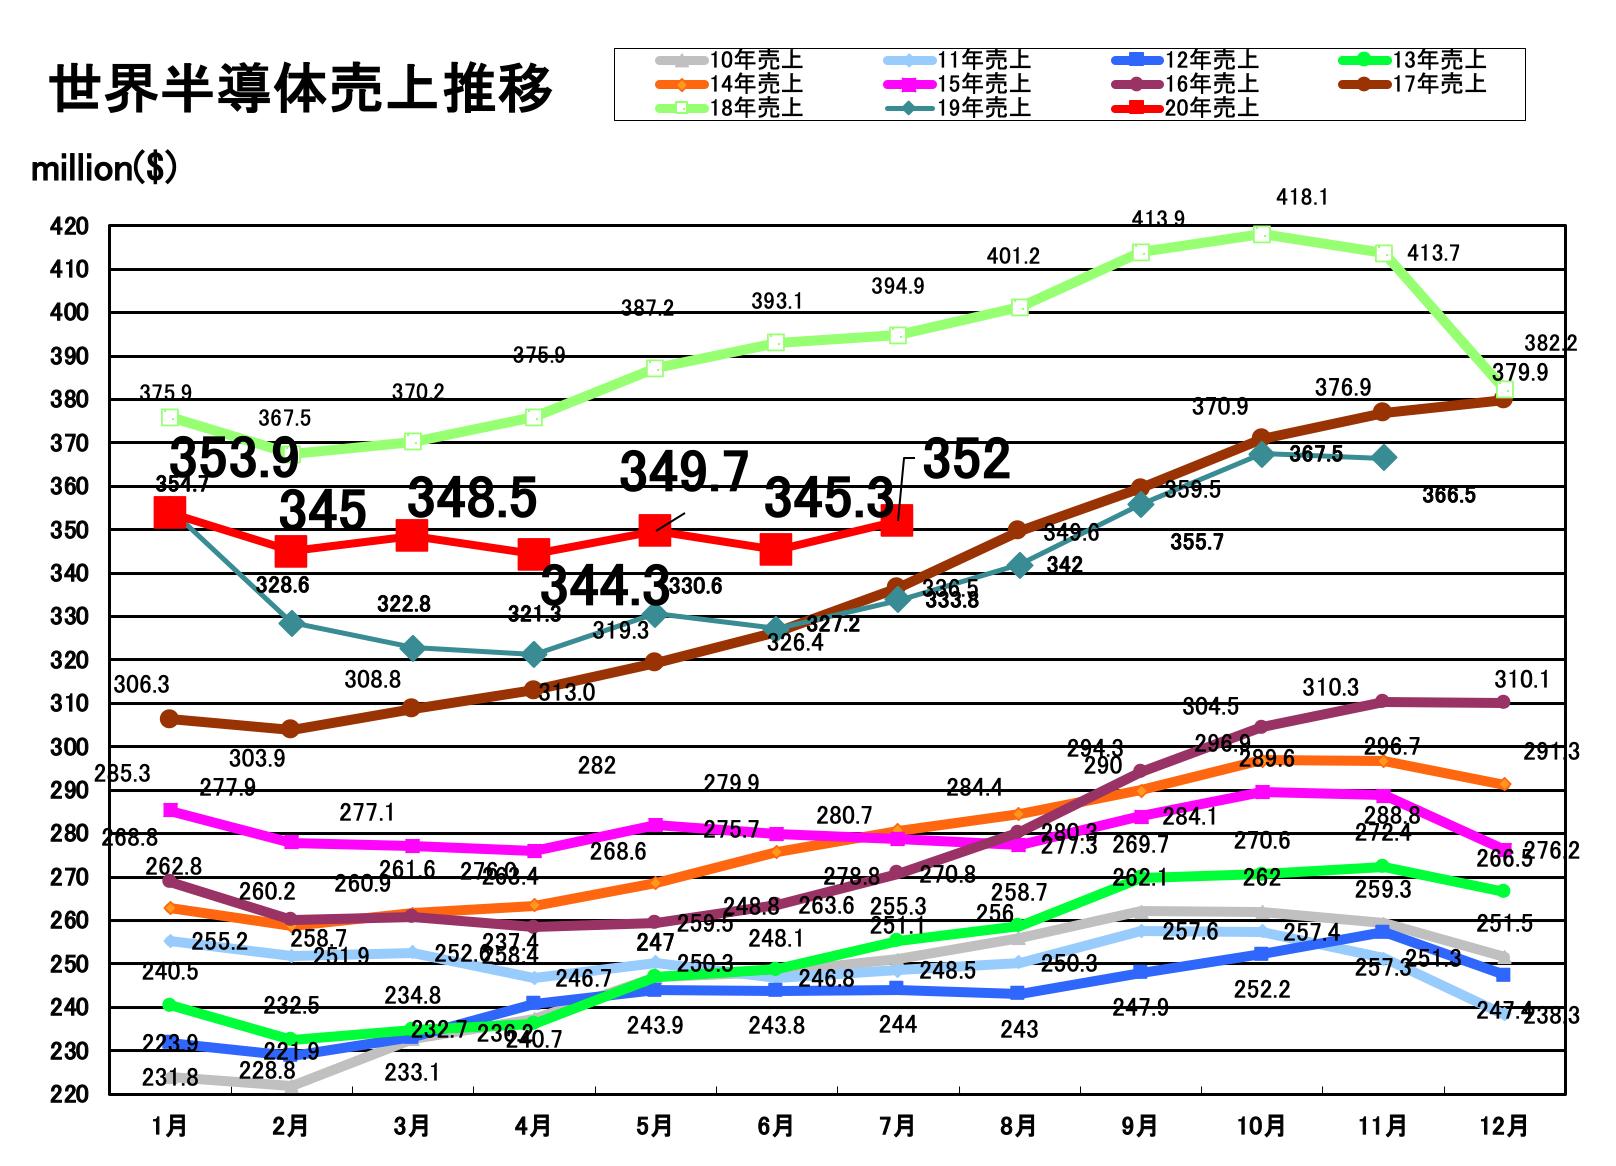 https://www.eda-express.com/%E3%82%B9%E3%82%AF%E3%83%AA%E3%83%BC%E3%83%B3%E3%82%B7%E3%83%A7%E3%83%83%E3%83%88%202020-09-08%206.41.17.png